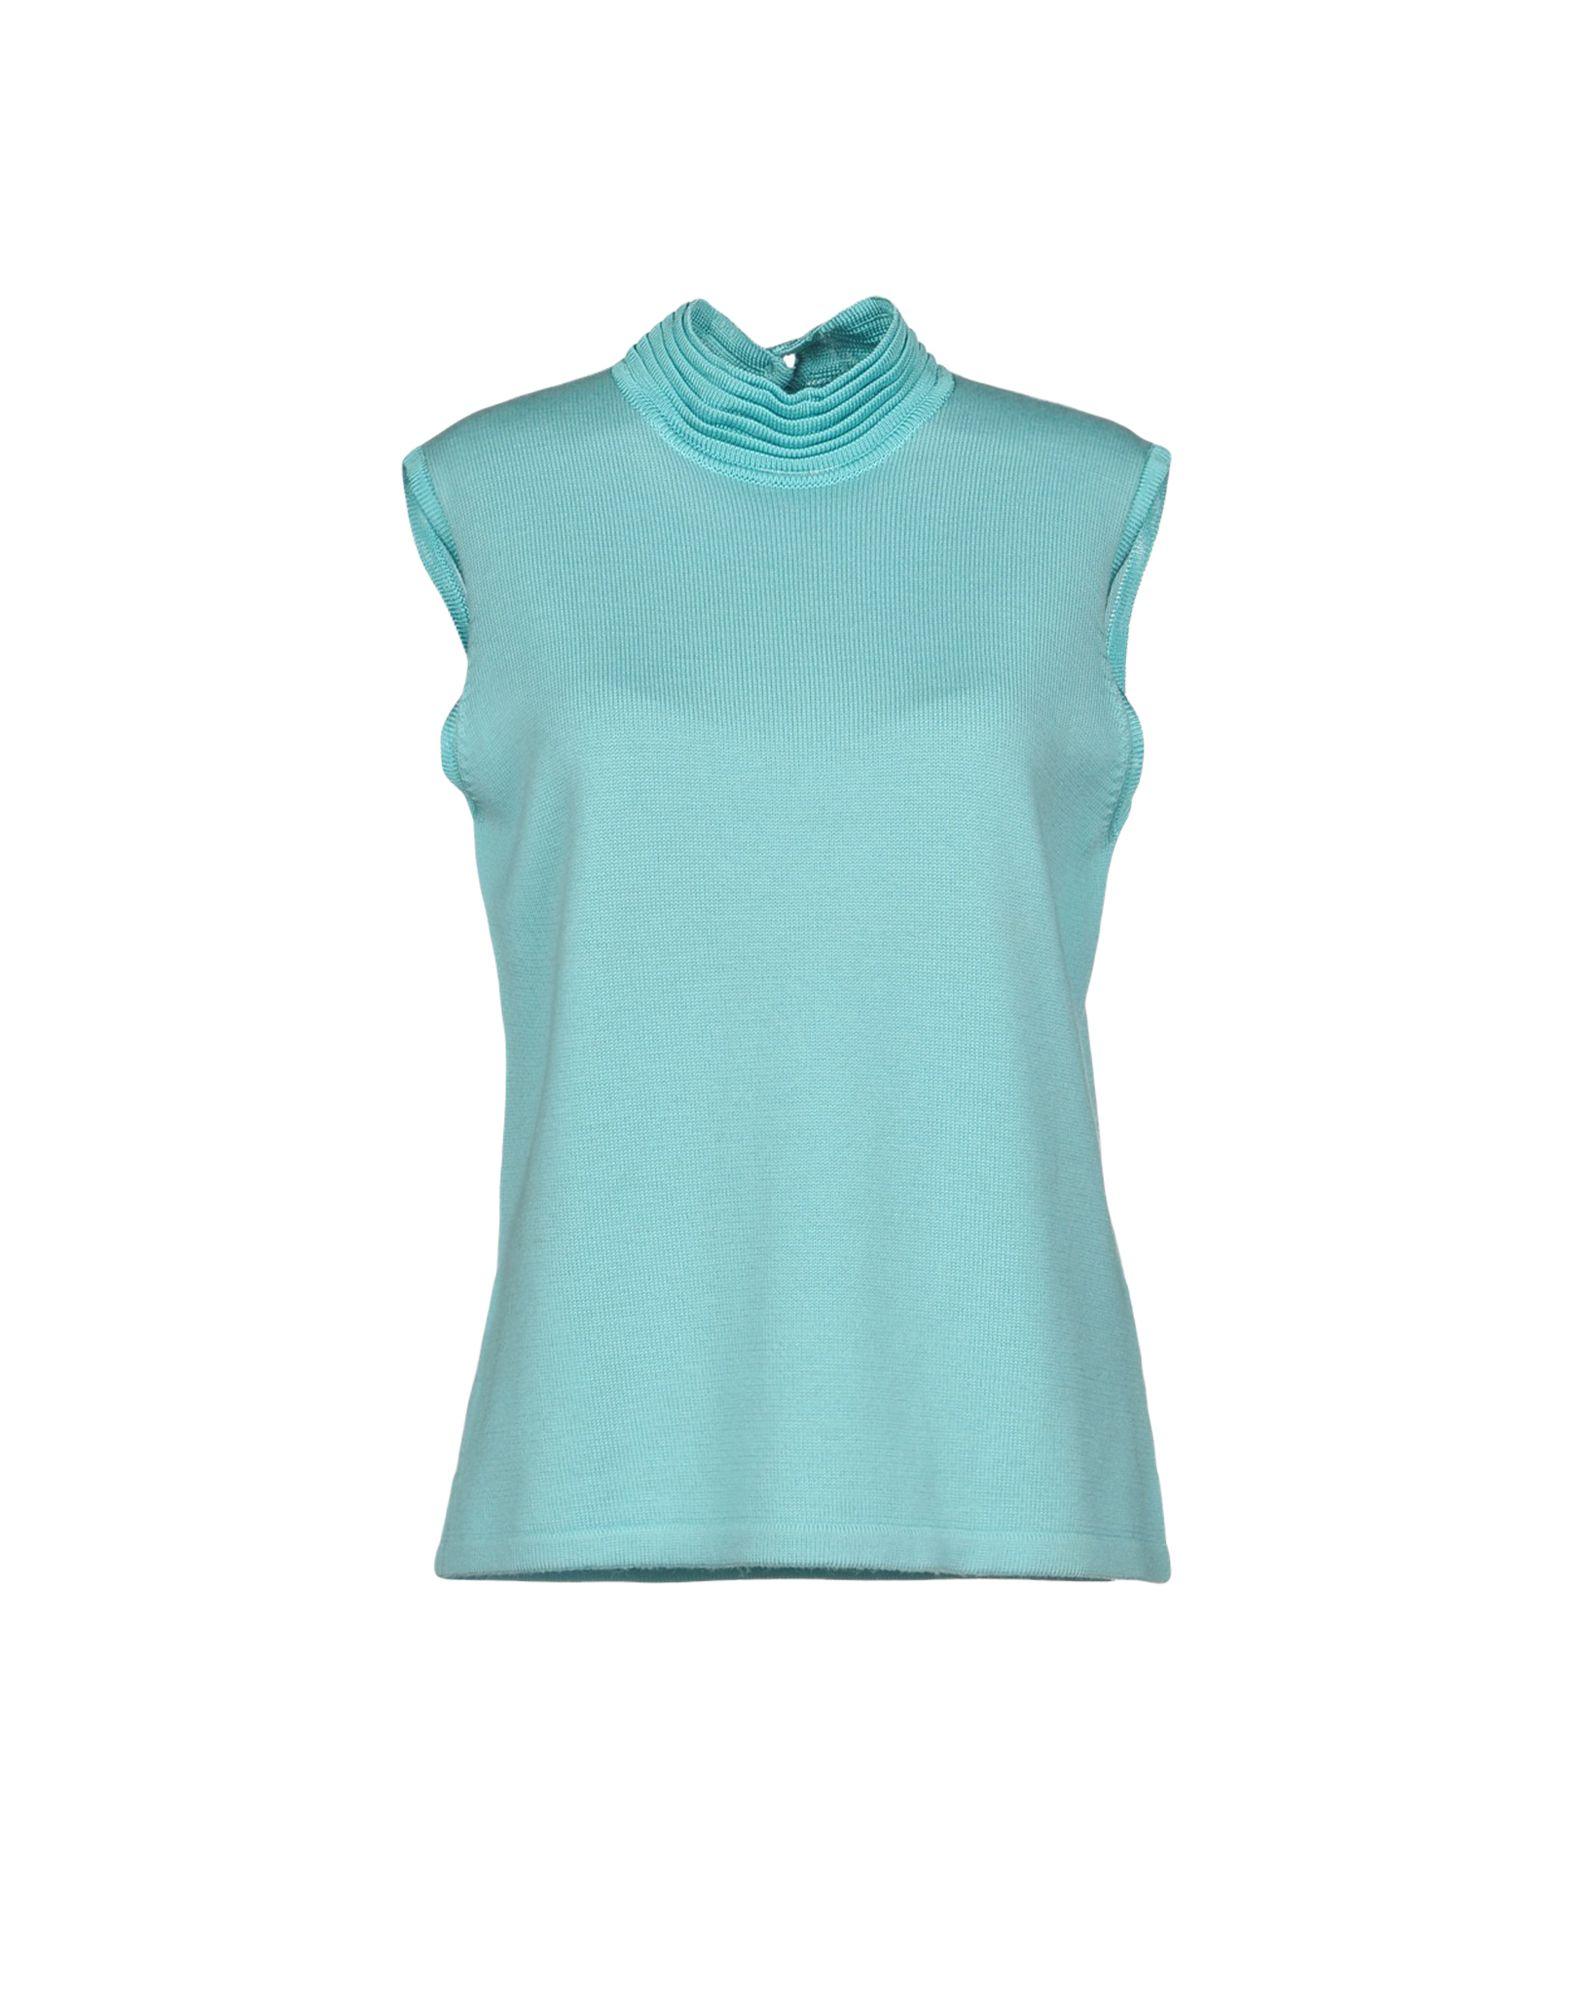 LUISA SPAGNOLI Водолазки комплект luisa spagnoli одежда повседневная на каждый день